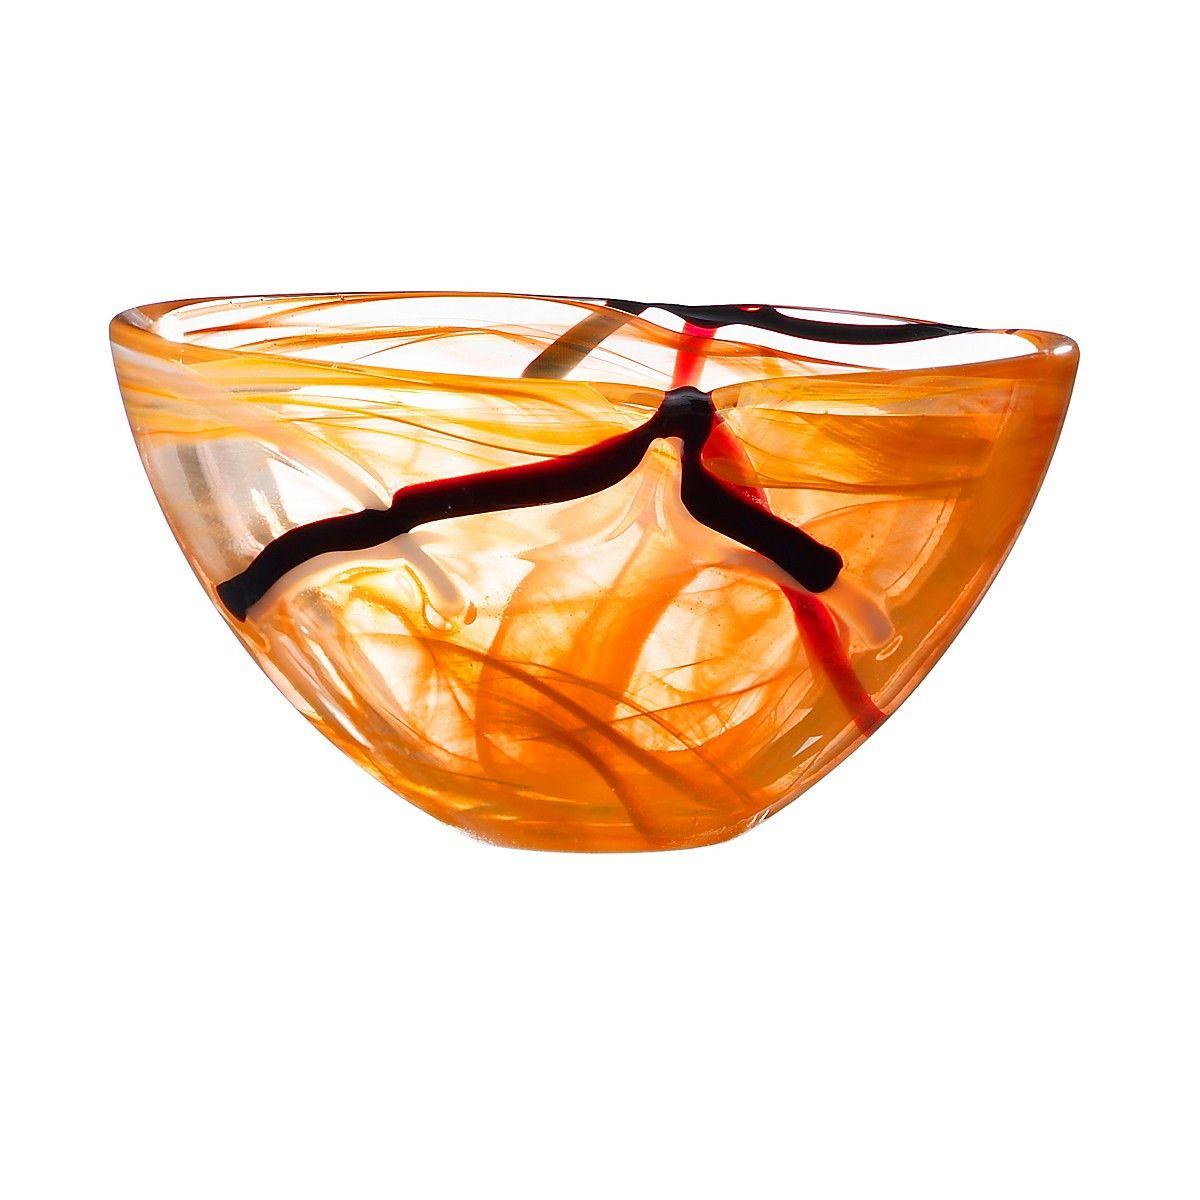 kosta boda contrast bowl orange  bloomingdales  objects i love  - kosta boda contrast bowl orange  bloomingdales